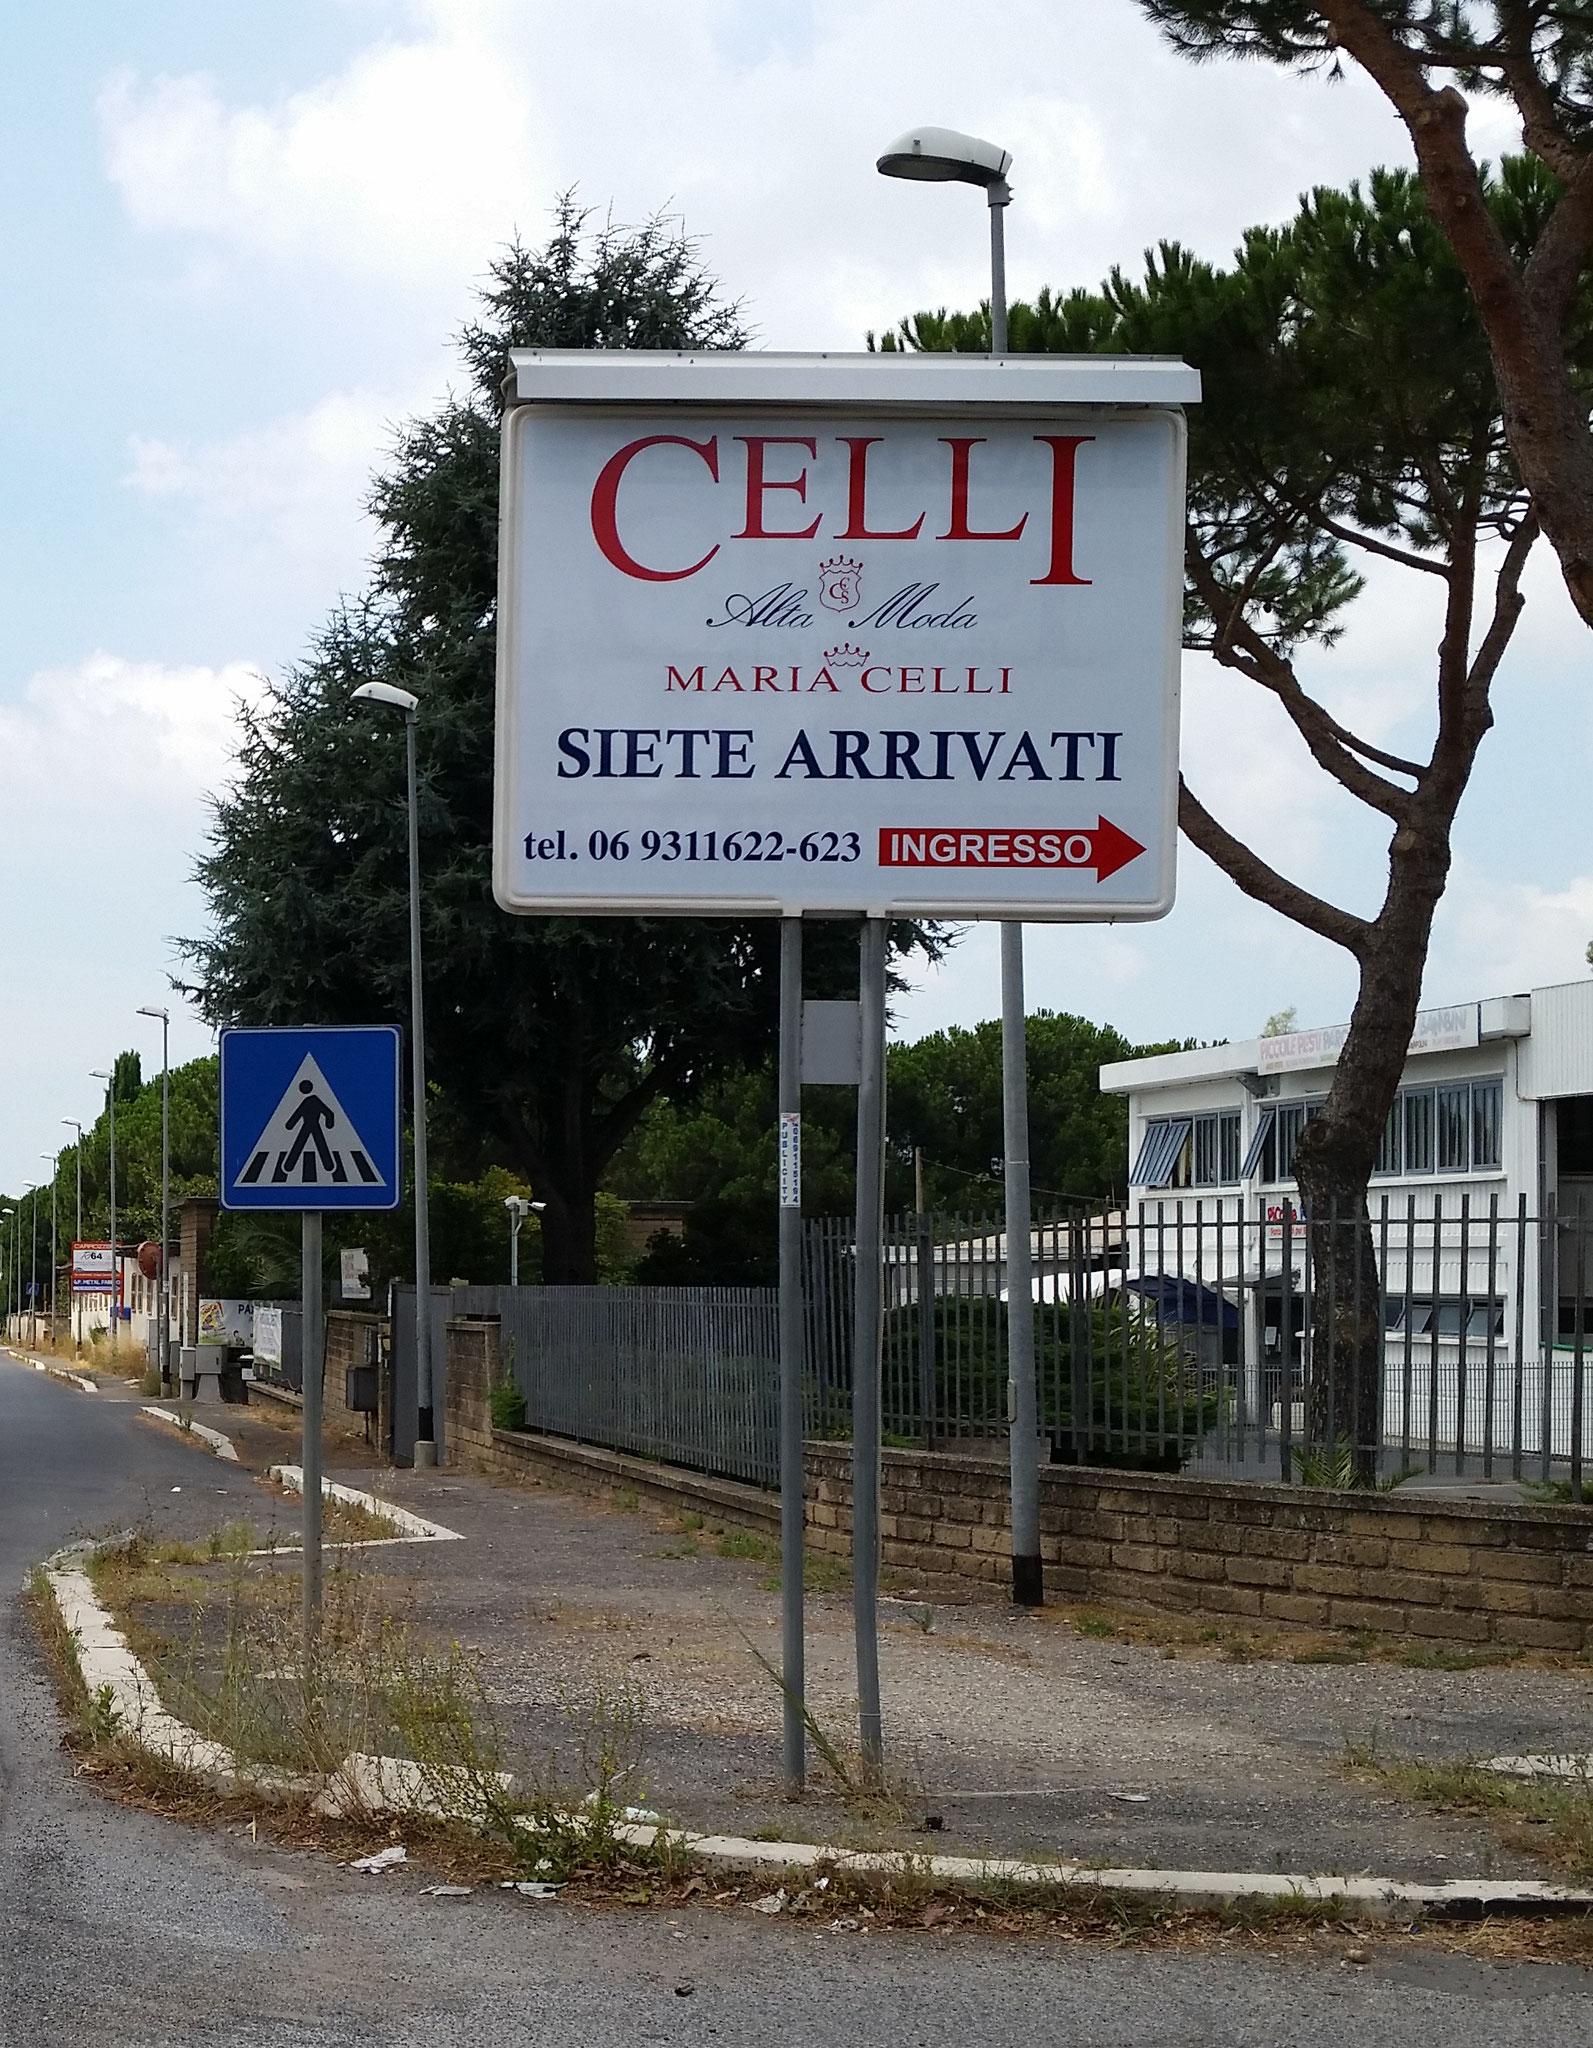 Cartello pubblicitario orizzontale -  entrata azienda dell' Alta Moda di Maria Celli a Pavona (RM)